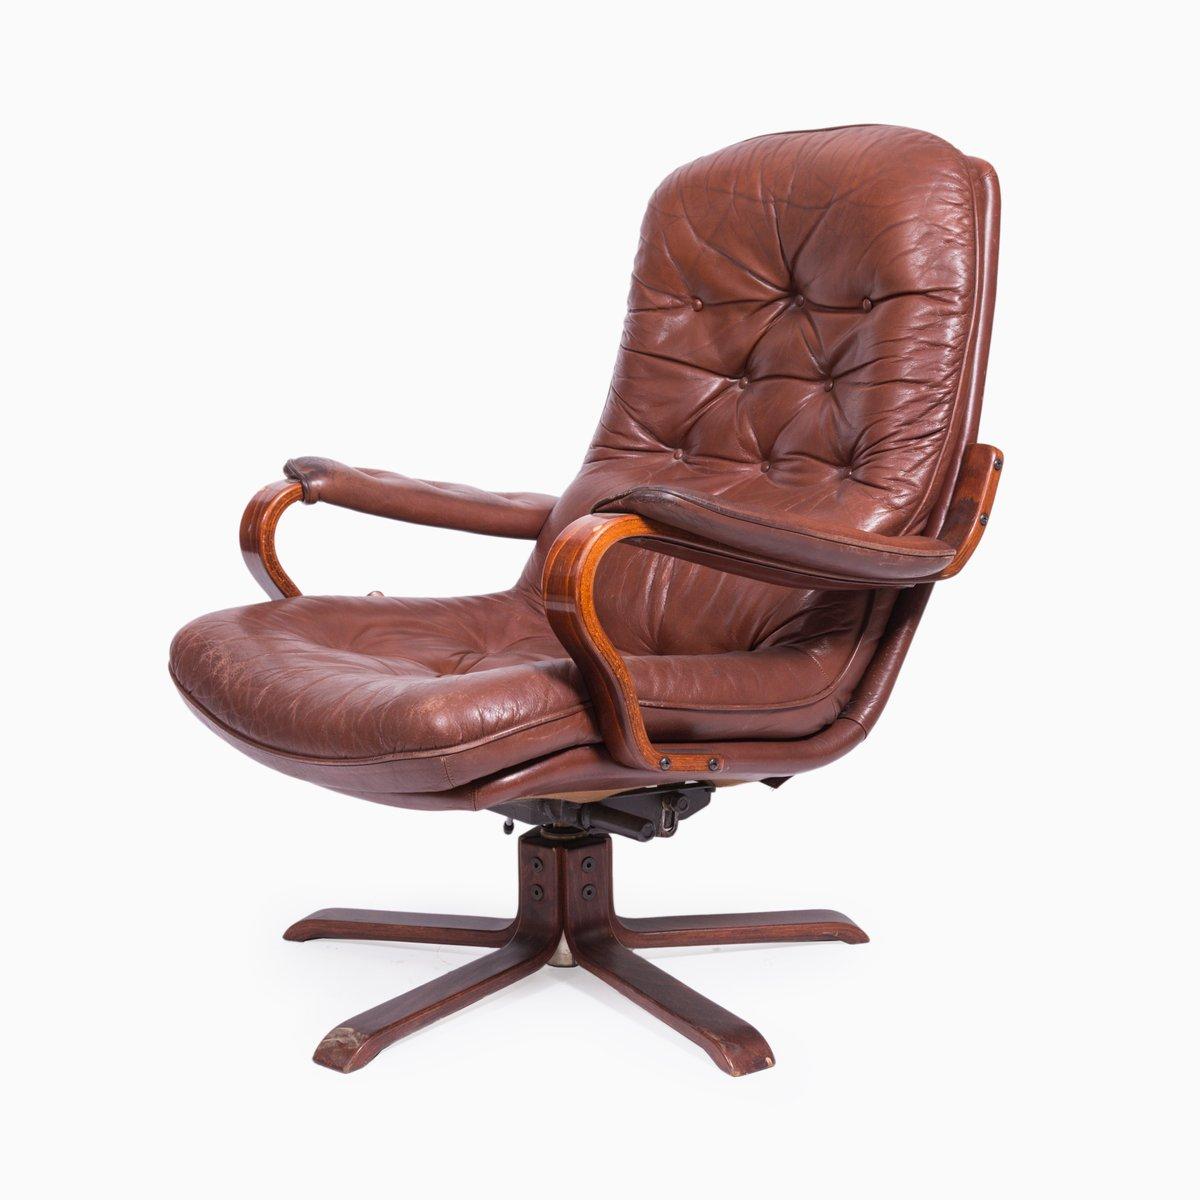 drehbarer vintage ledersessel 1970er bei pamono kaufen. Black Bedroom Furniture Sets. Home Design Ideas